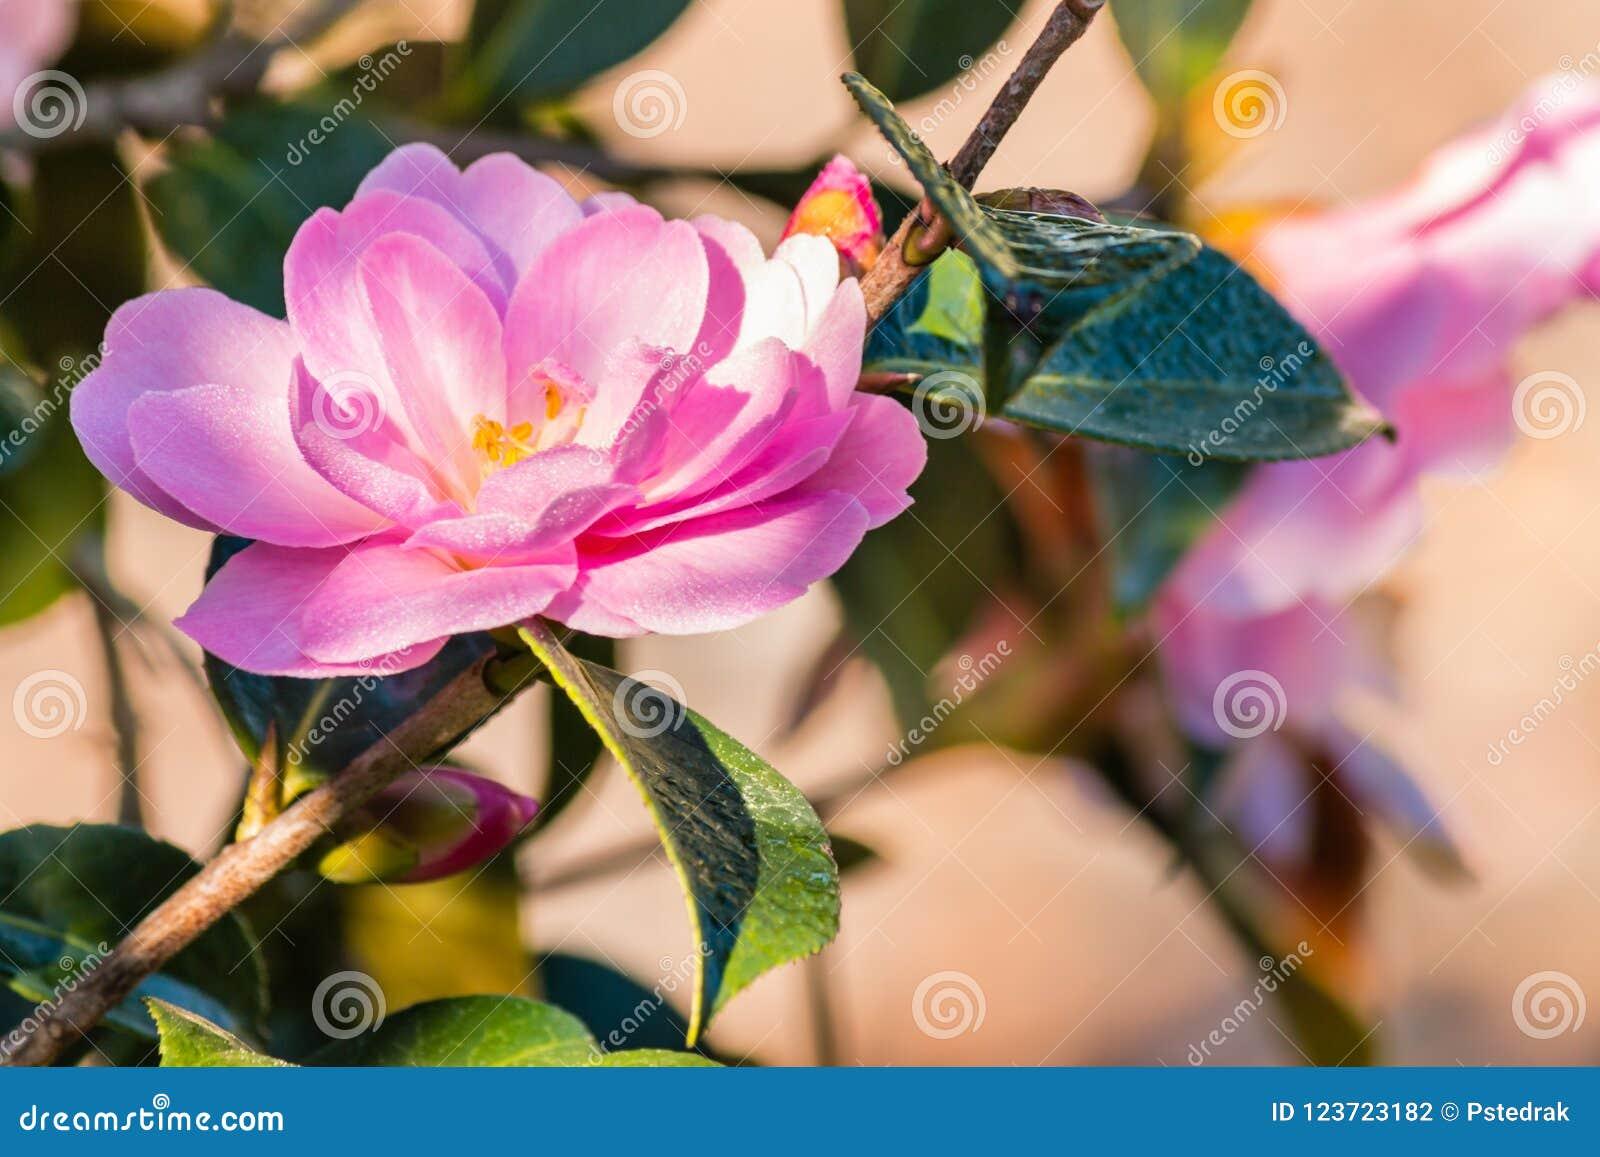 Fleur rose de camélia en fleur